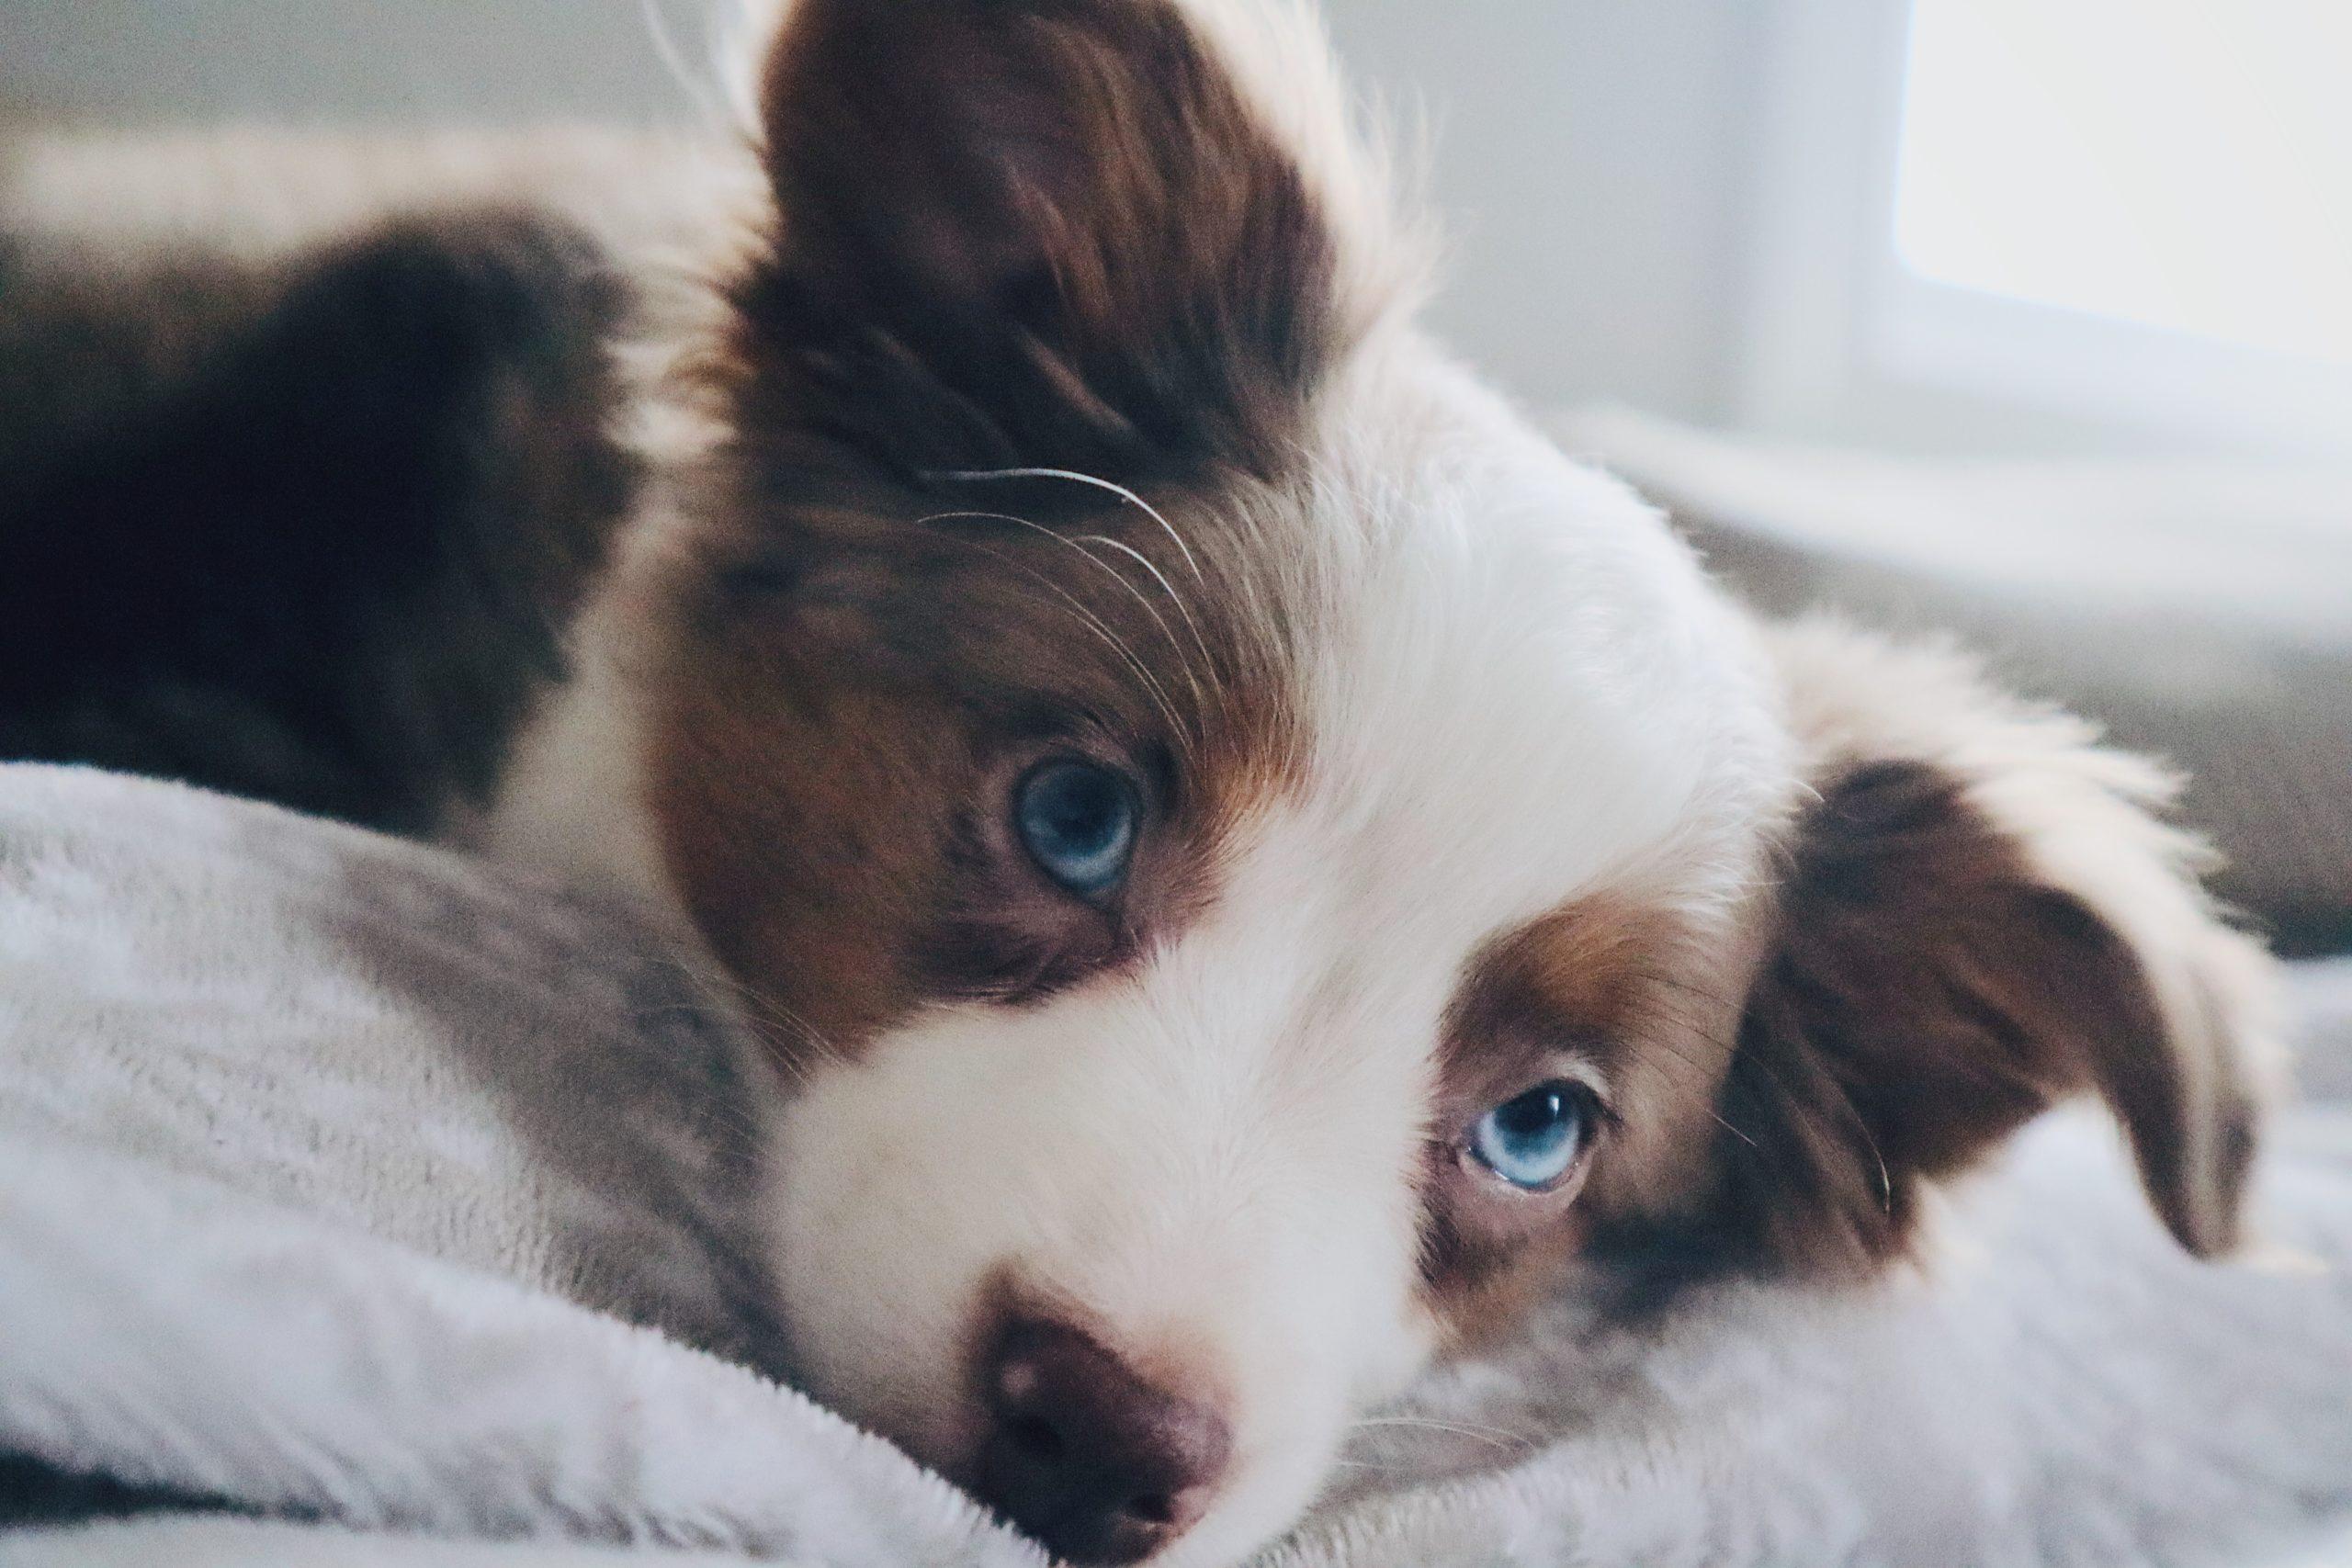 それは突然!犬の特発性前提疾患